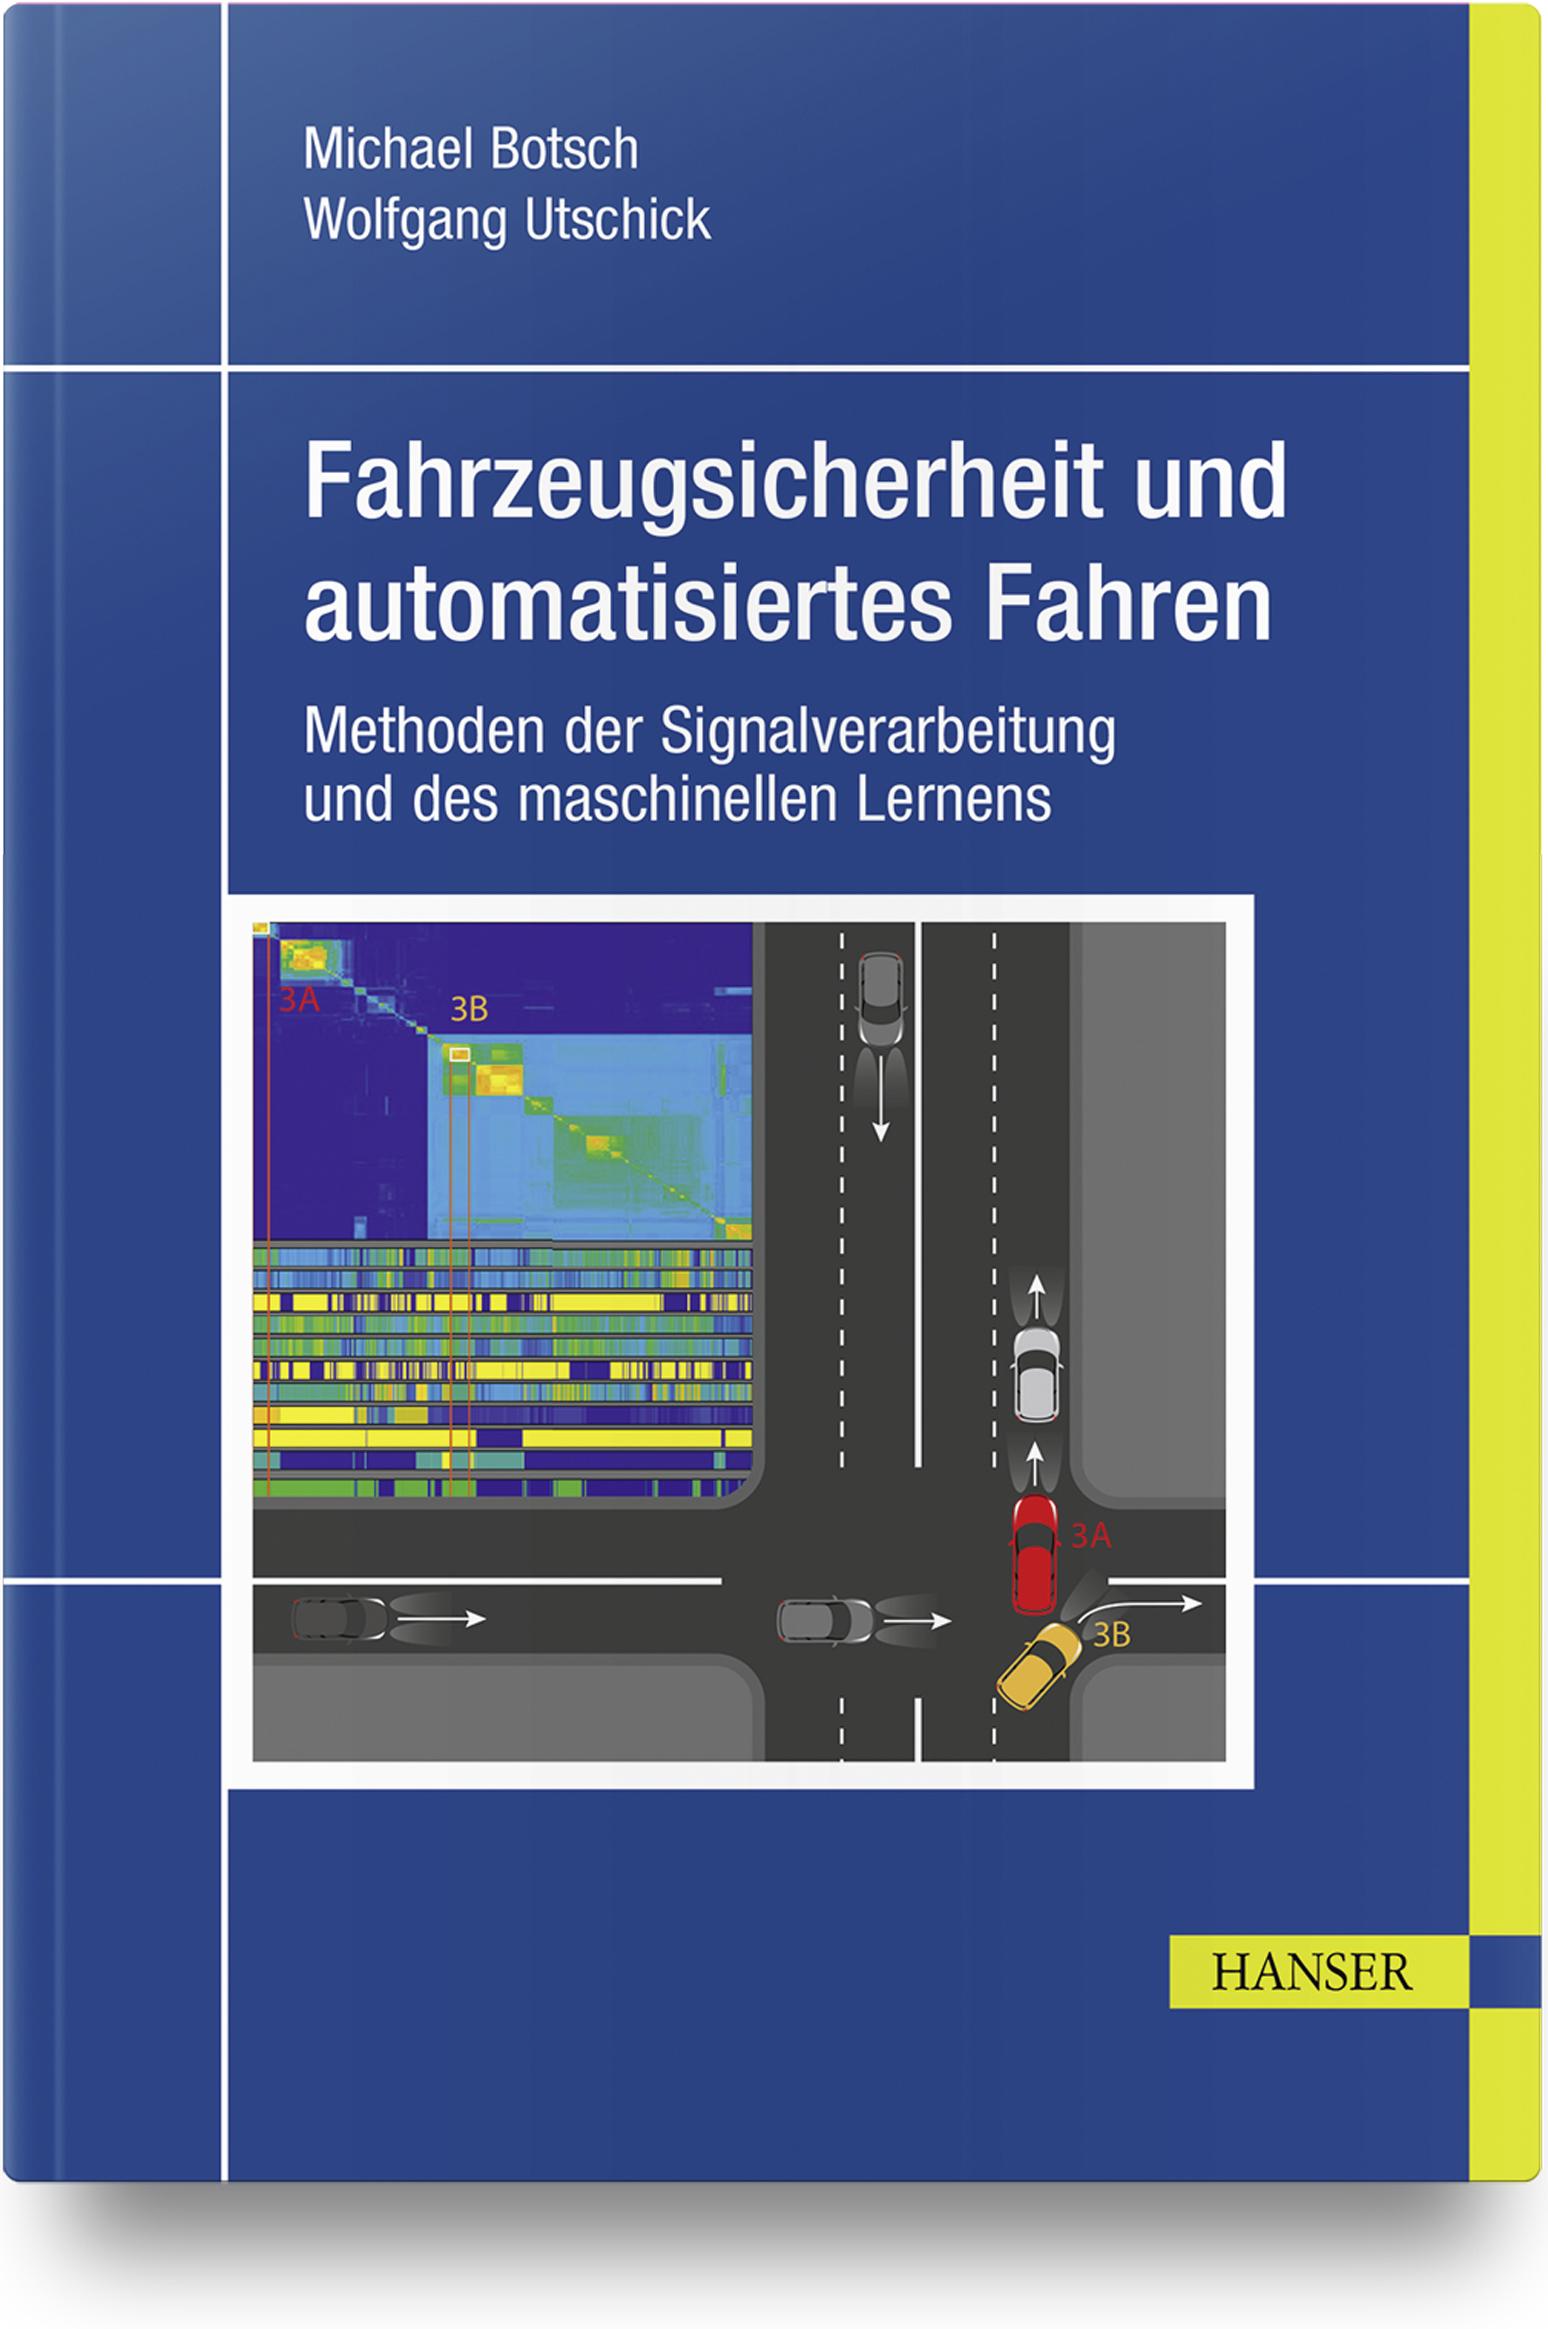 Botsch, Utschick, Fahrzeugsicherheit und automatisiertes Fahren, 978-3-446-45326-5